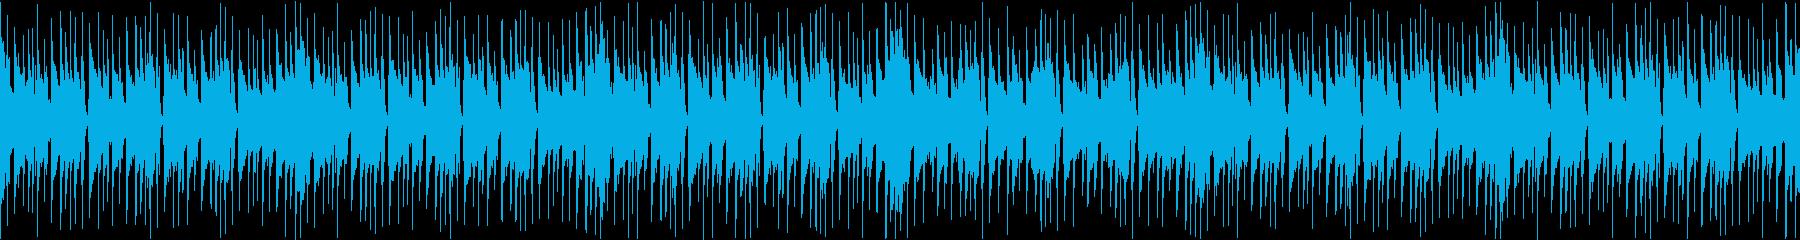 休暇をイメージしたピアノBGMループ版の再生済みの波形